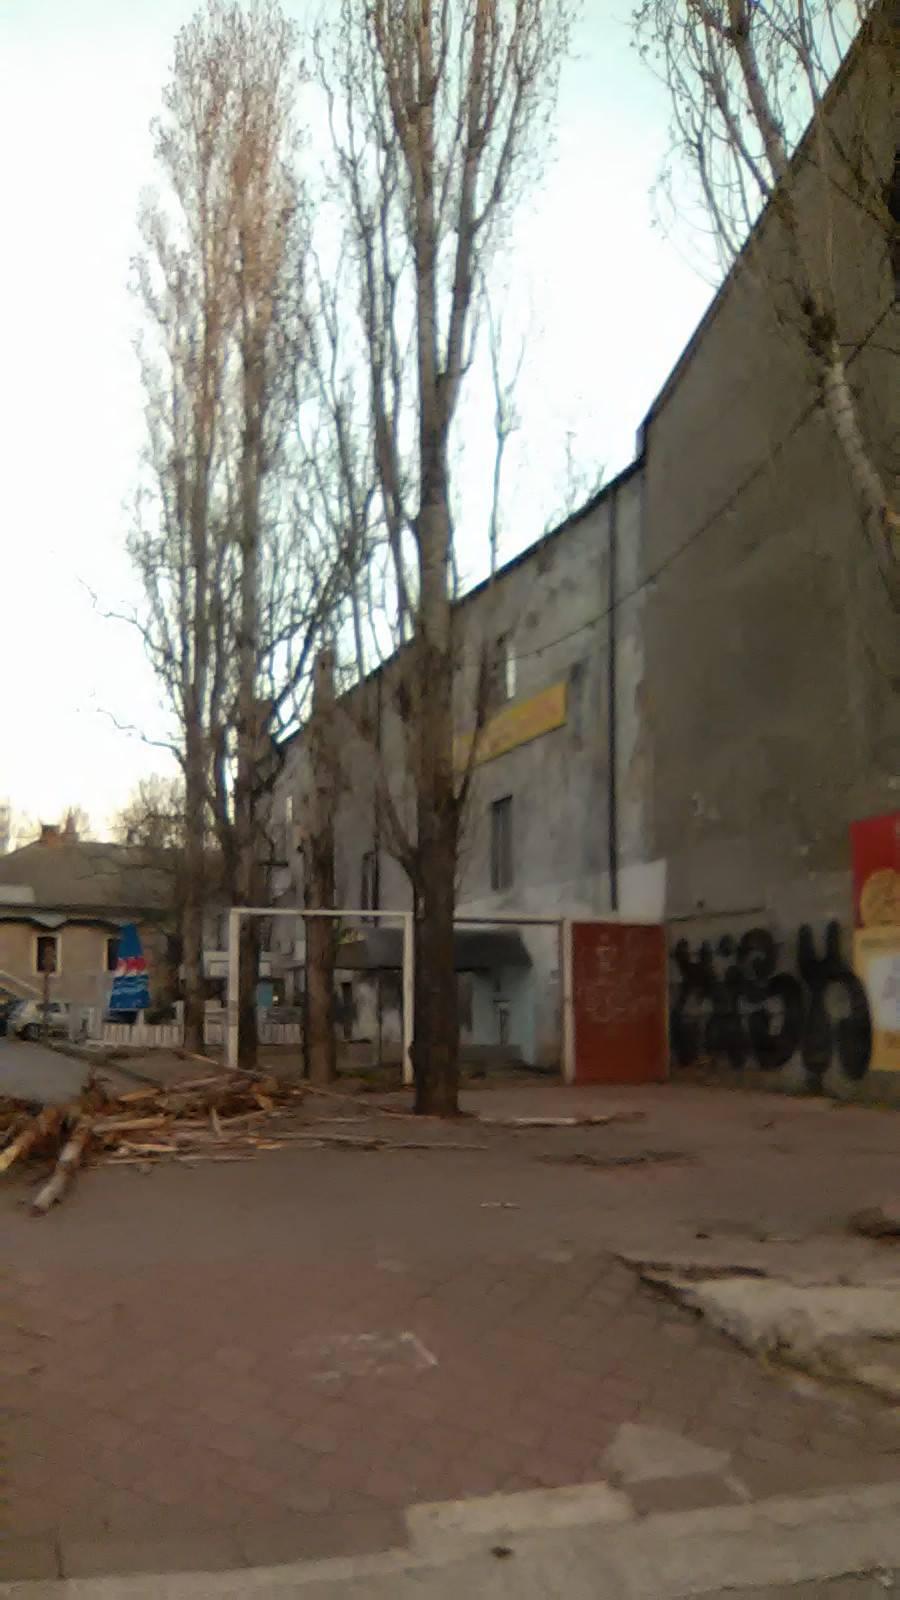 Повилазило: у Миколаєві комунальники два тижні не бачили поламаного дерева - фото 1